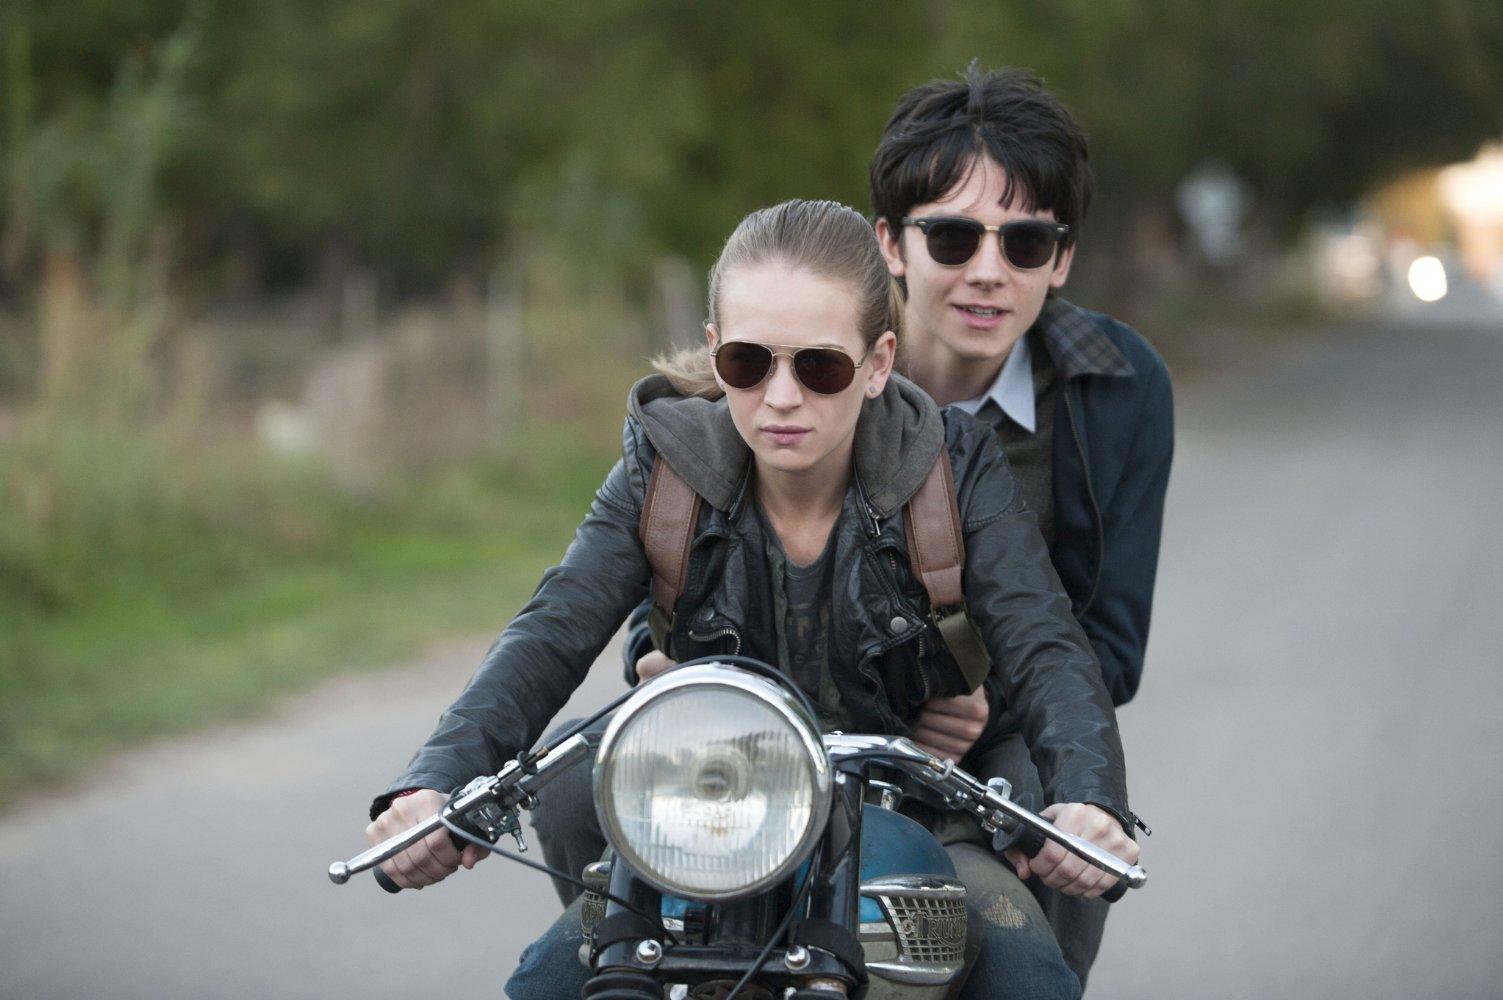 Britt Robertson (Tulsa) et Asa Butterfield (Gardner). Source IMDB